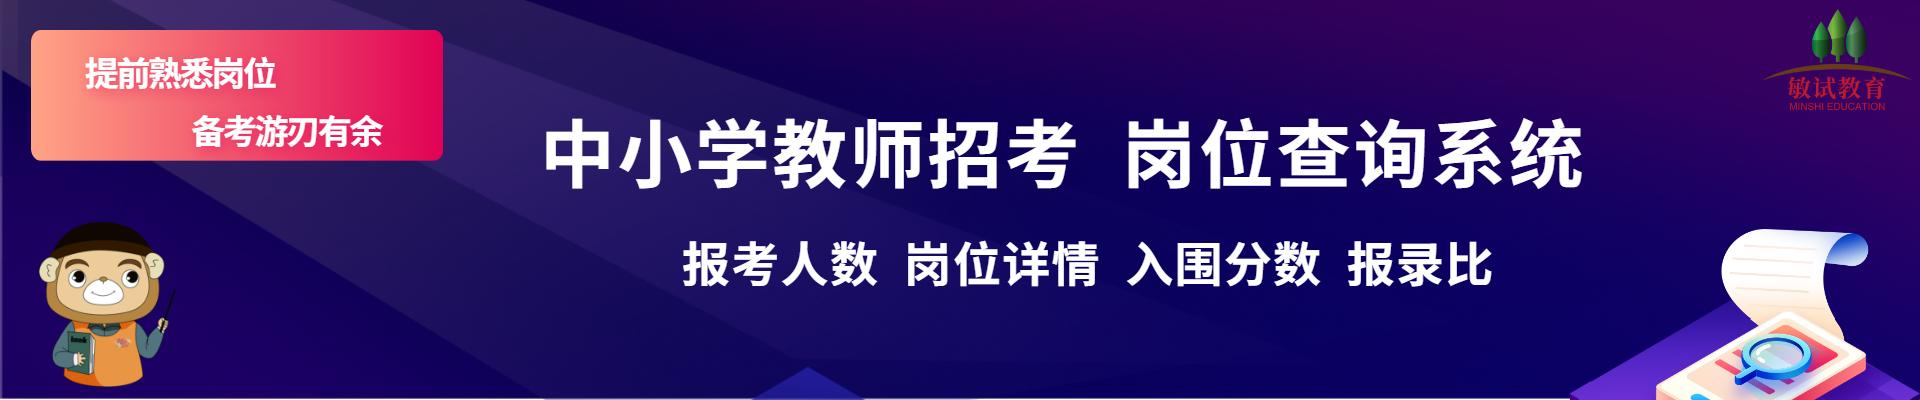 安徽省中小学教师招聘考试  岗位查询系统.jpg